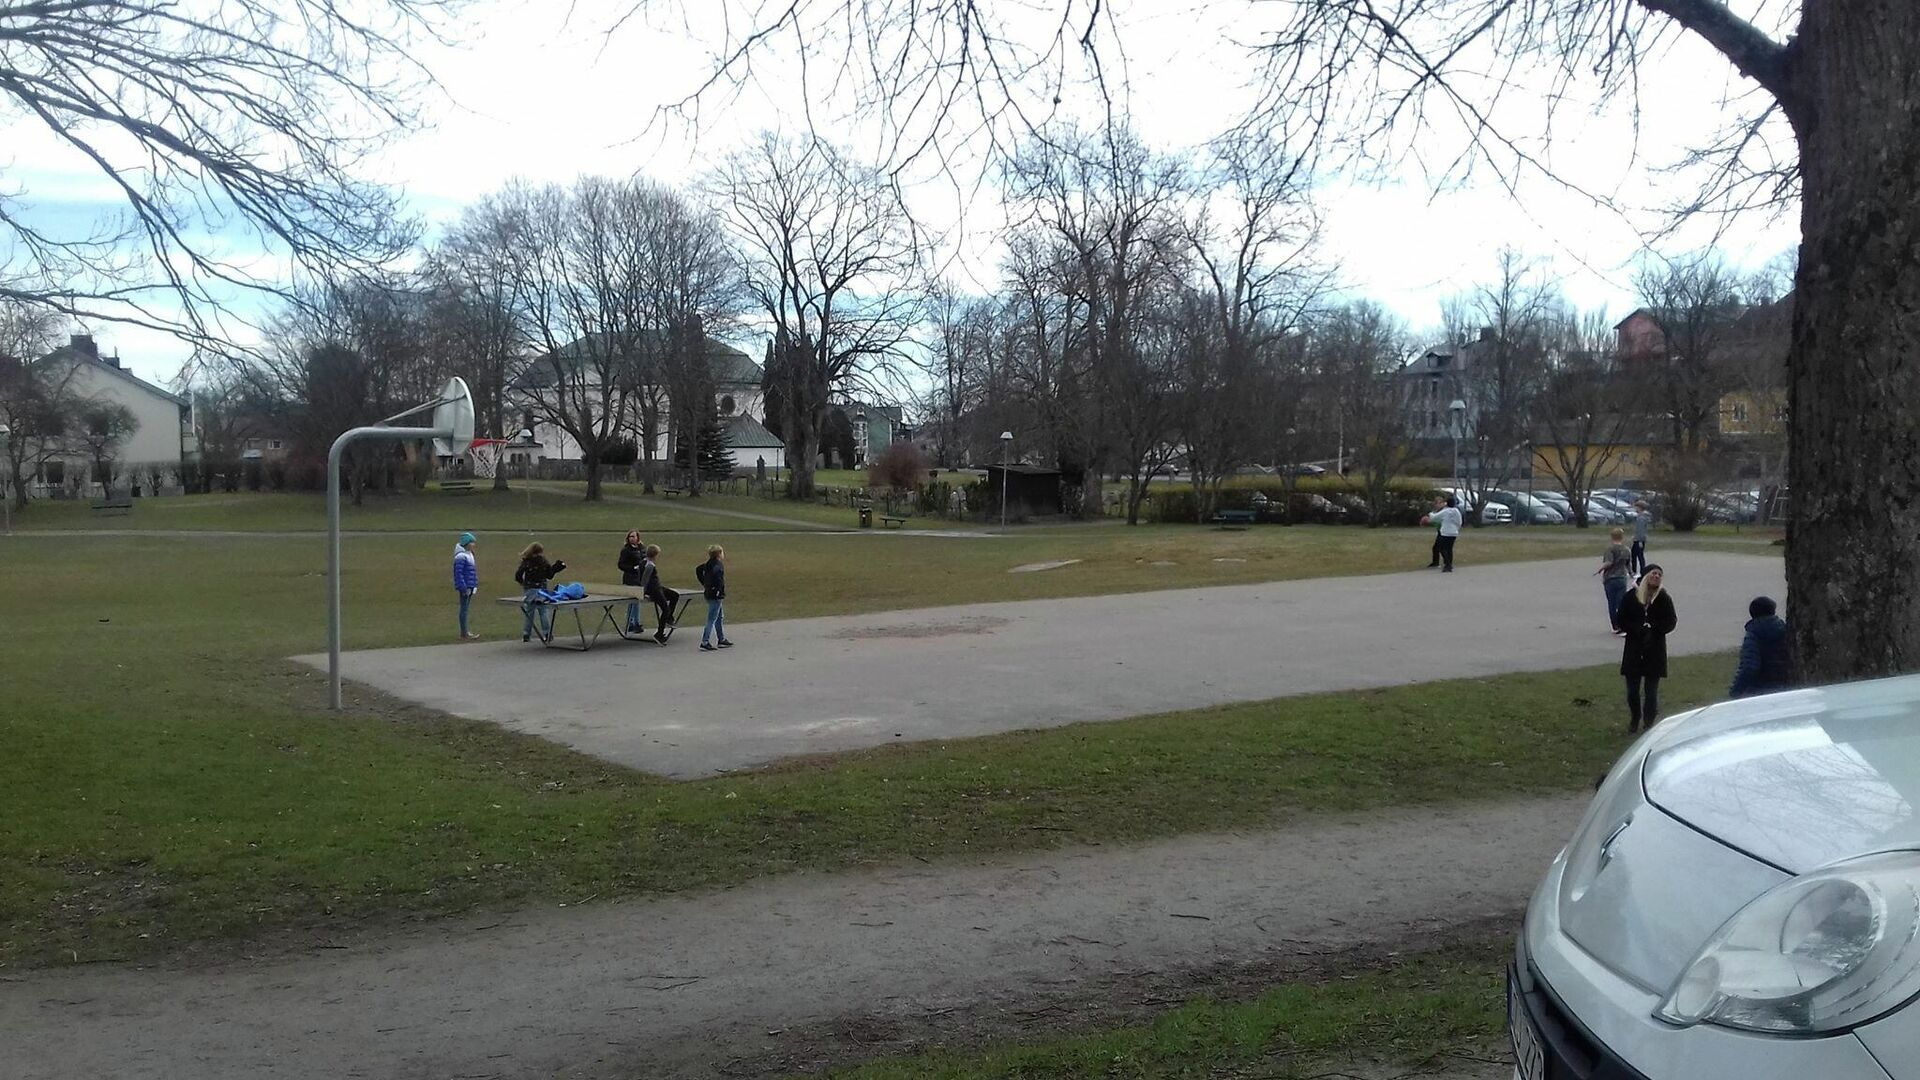 Жизнь в Стокгольме во время пандемии коронавируса COVID-19 - РИА Новости, 1920, 24.01.2021